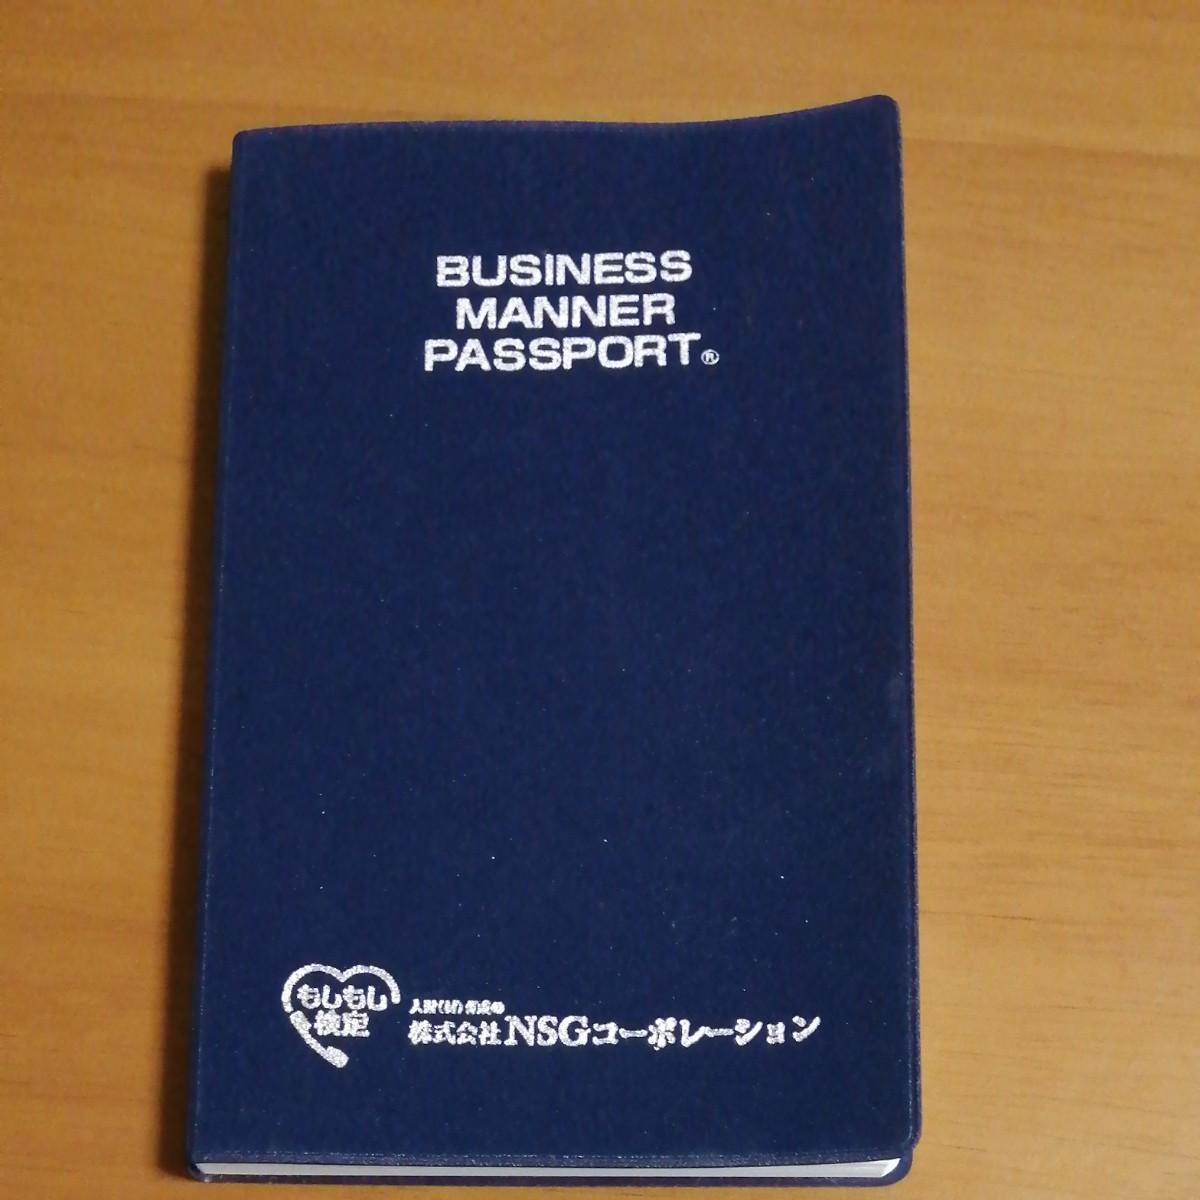 ビジネスマナーパスポート もしもし検定